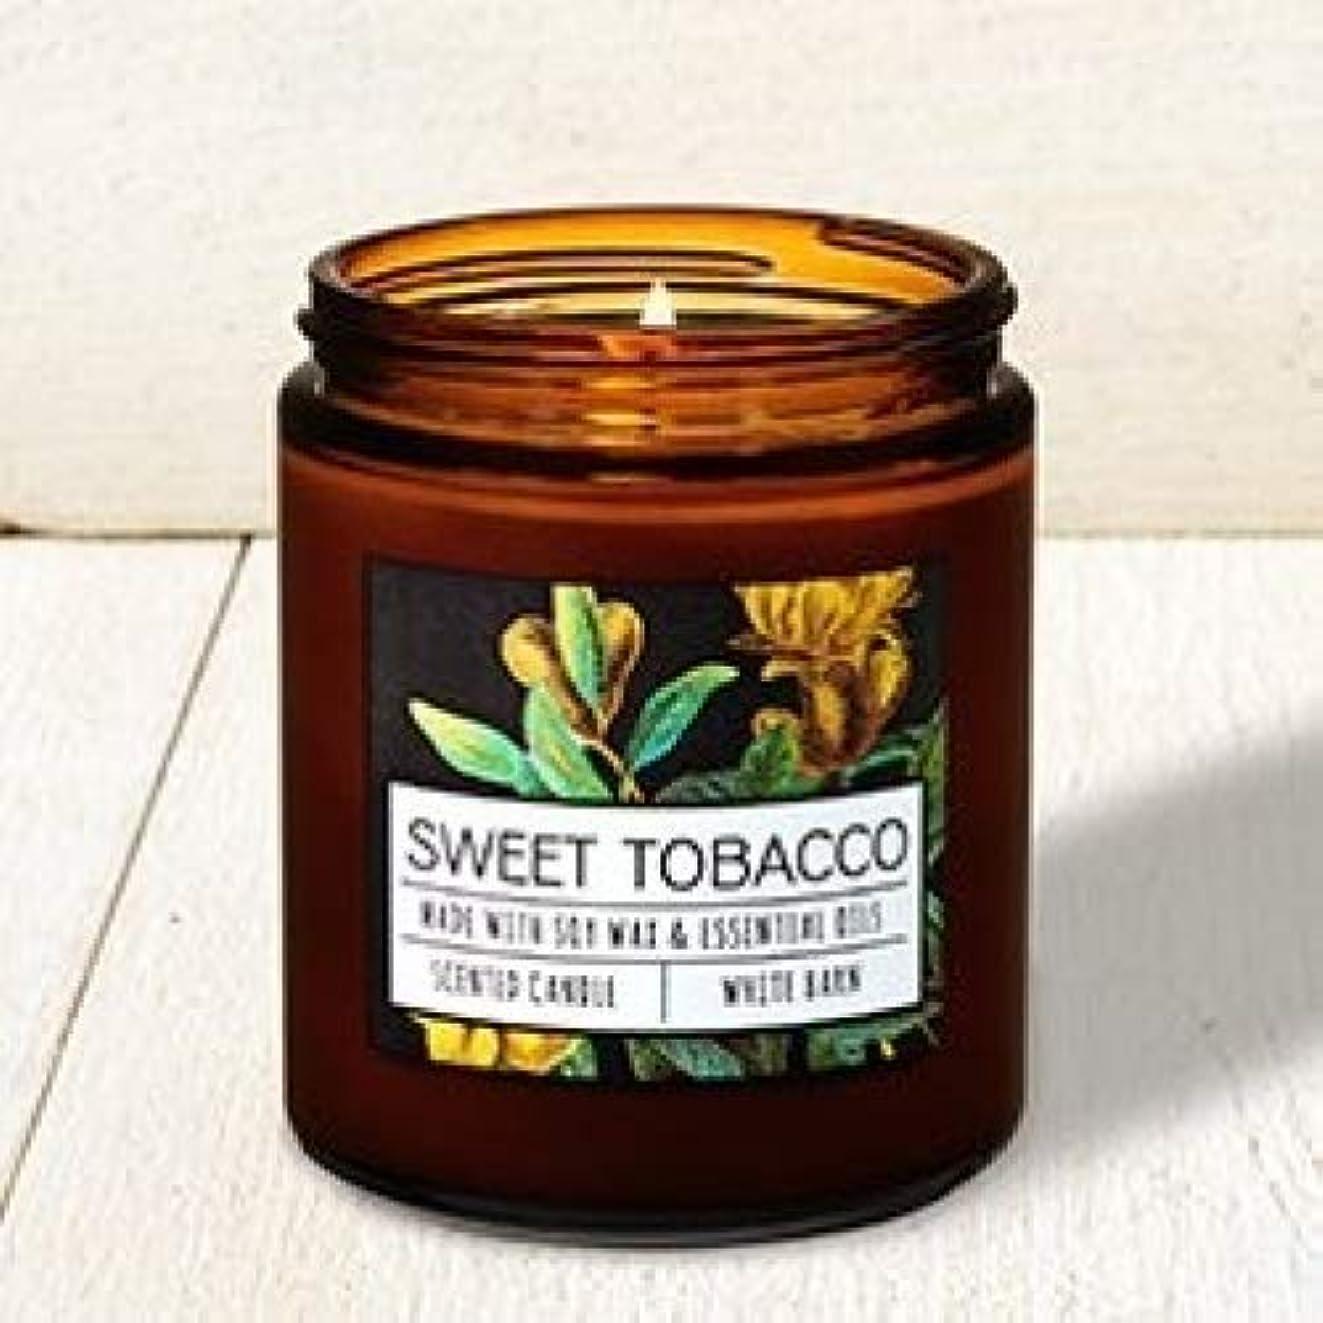 半導体責任適応的Bath and Body Works Sweet Tobacco Single Wick Candle。7オンス